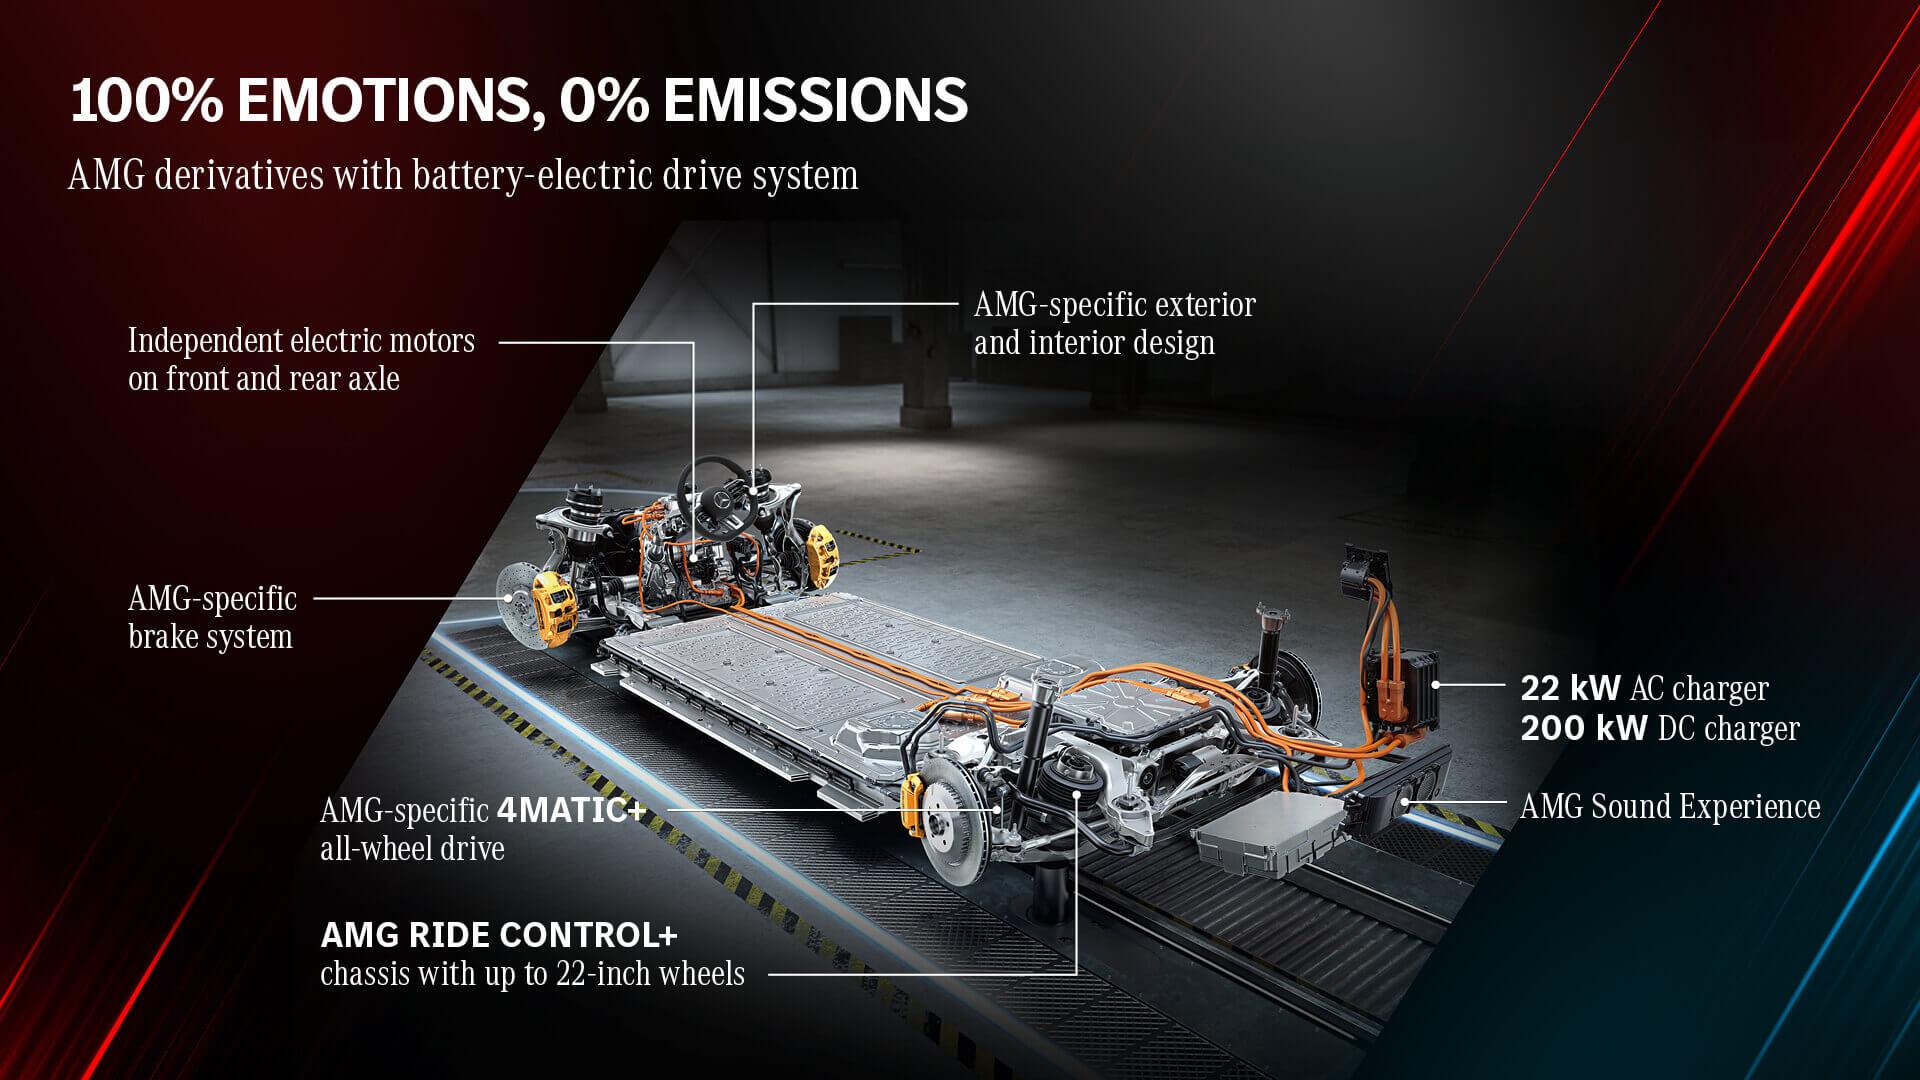 Электромобили Mercedes-AMG будут базироваться на платформе EVA